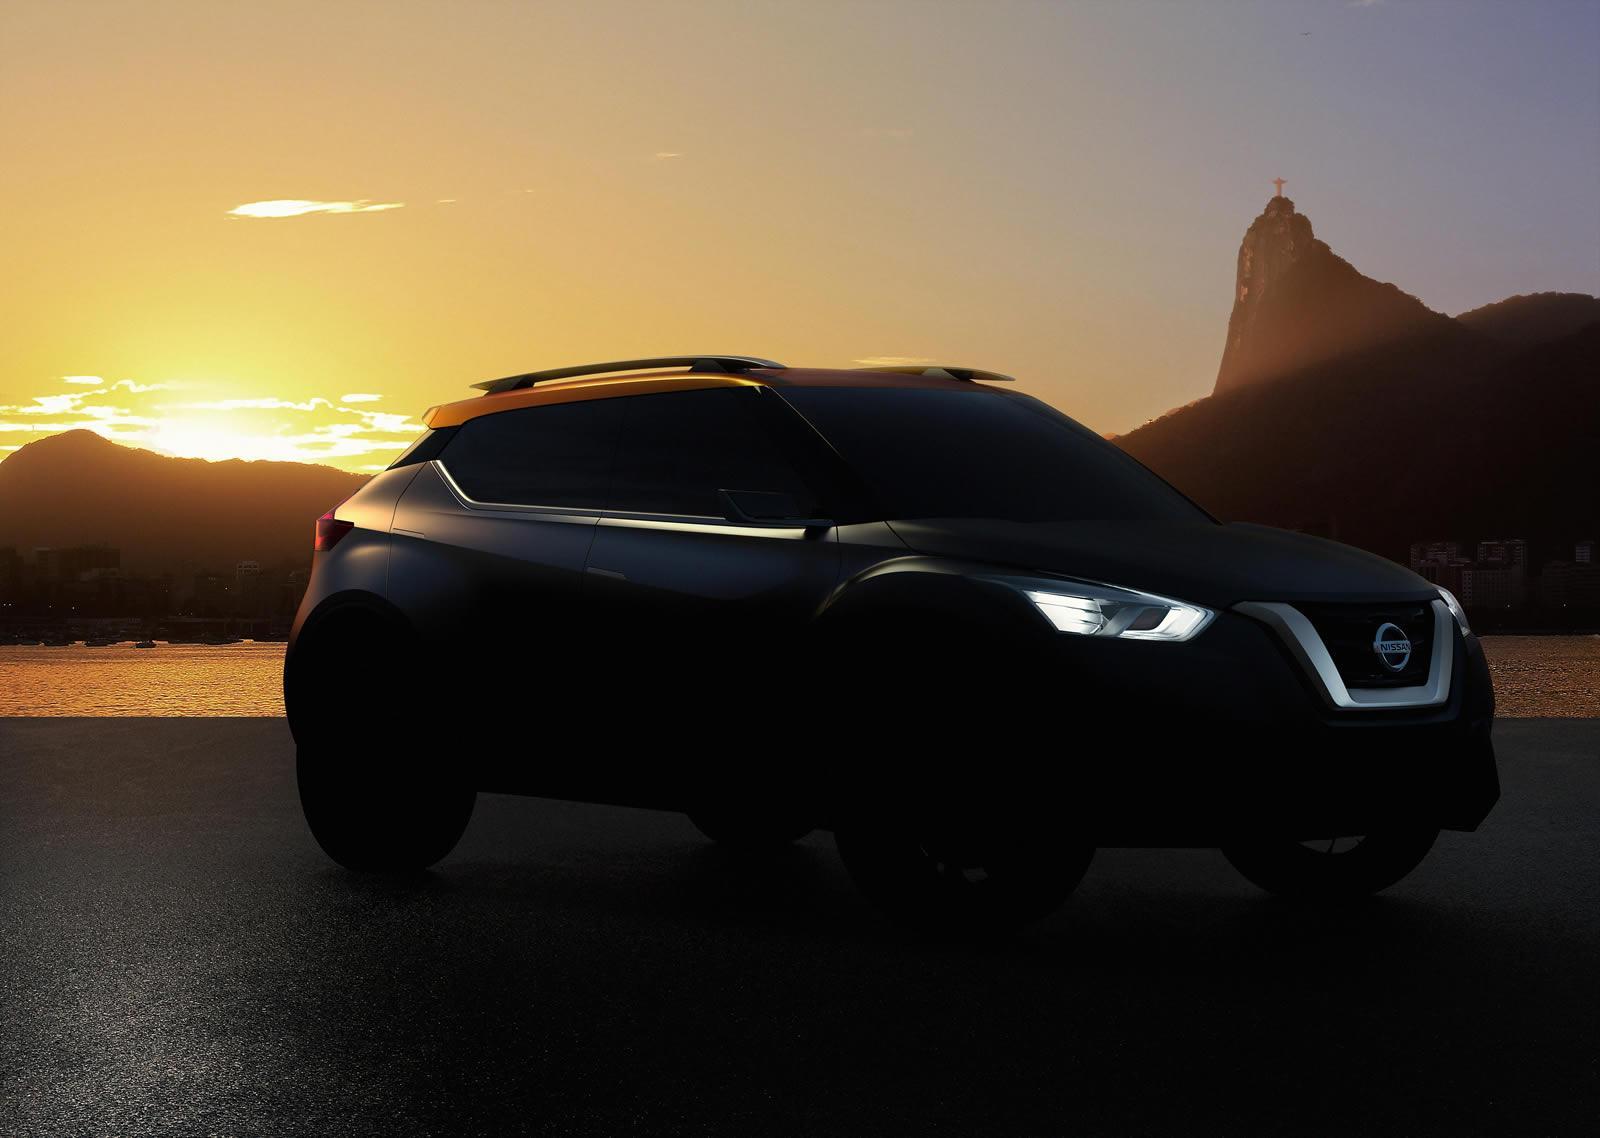 Nissan adelanta un nuevo concept car